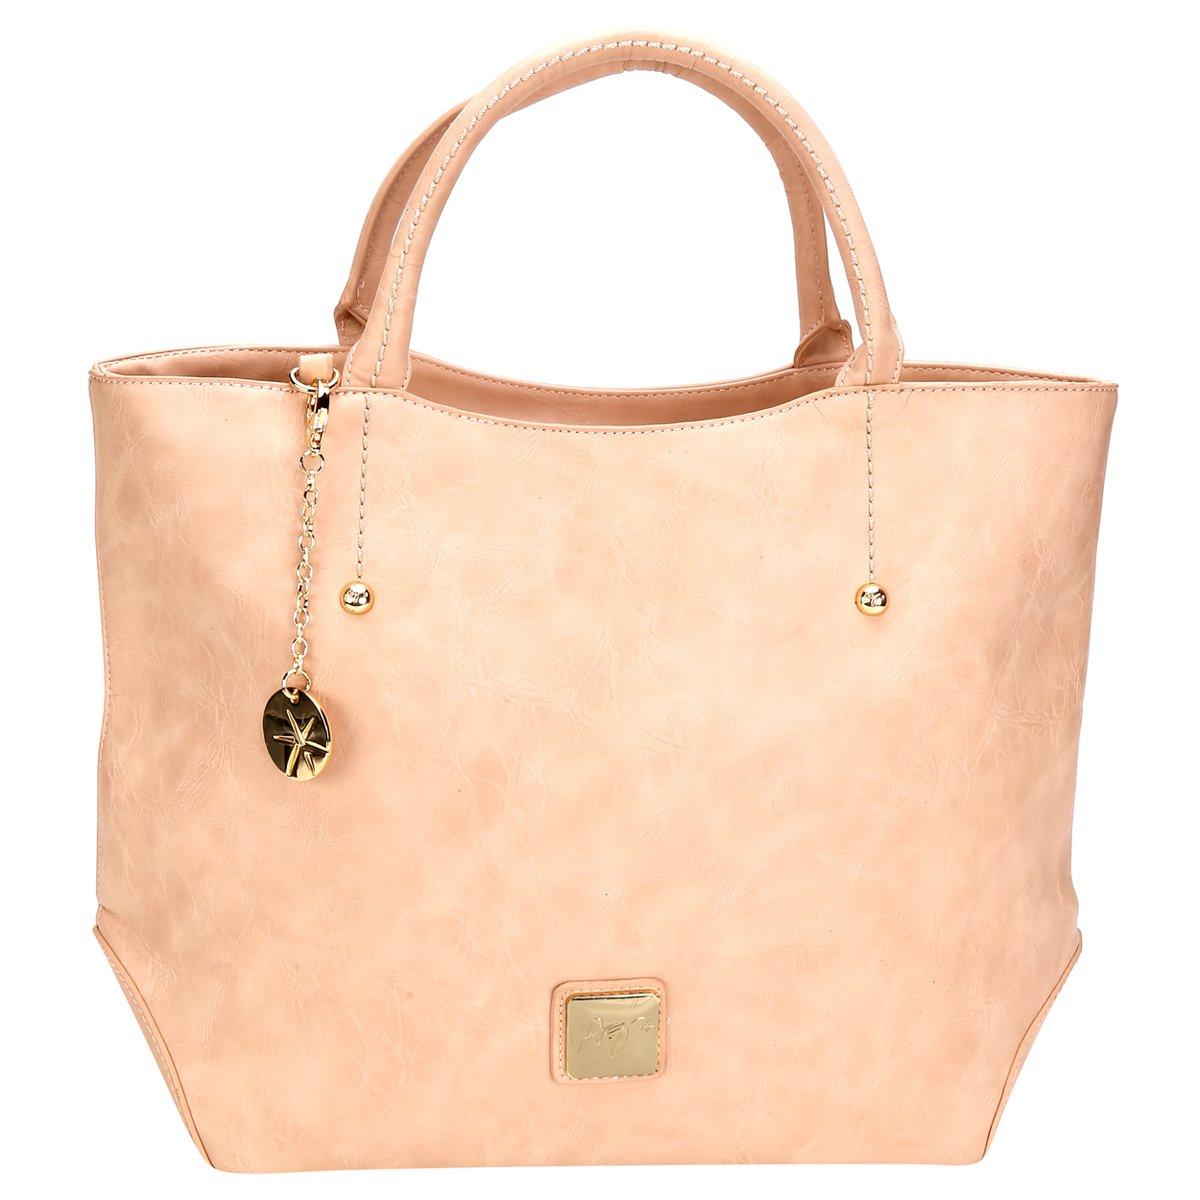 Bolsa Adriane Galisteu Shopping Bag